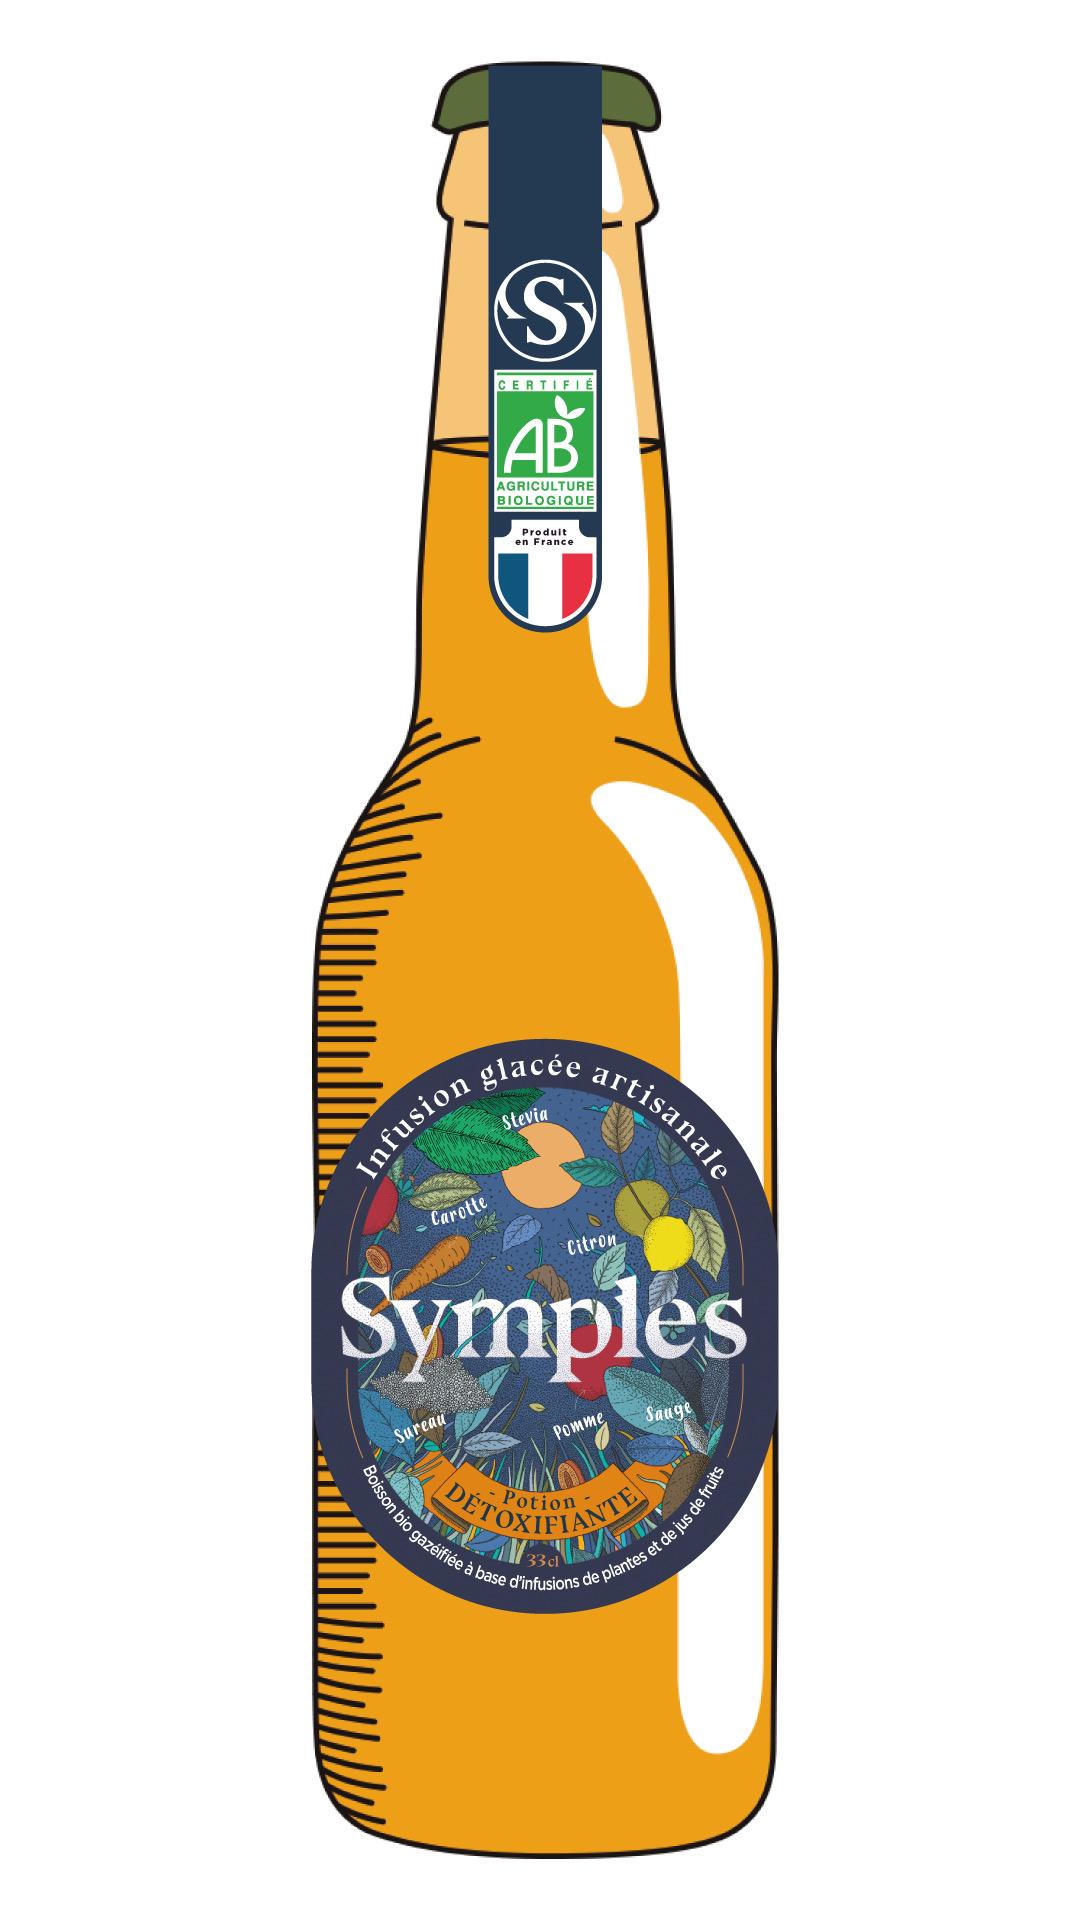 bouteille symples - Symples lance la la première boisson détoxifiante sans sucre ajoutés 100% naturelle et made in France